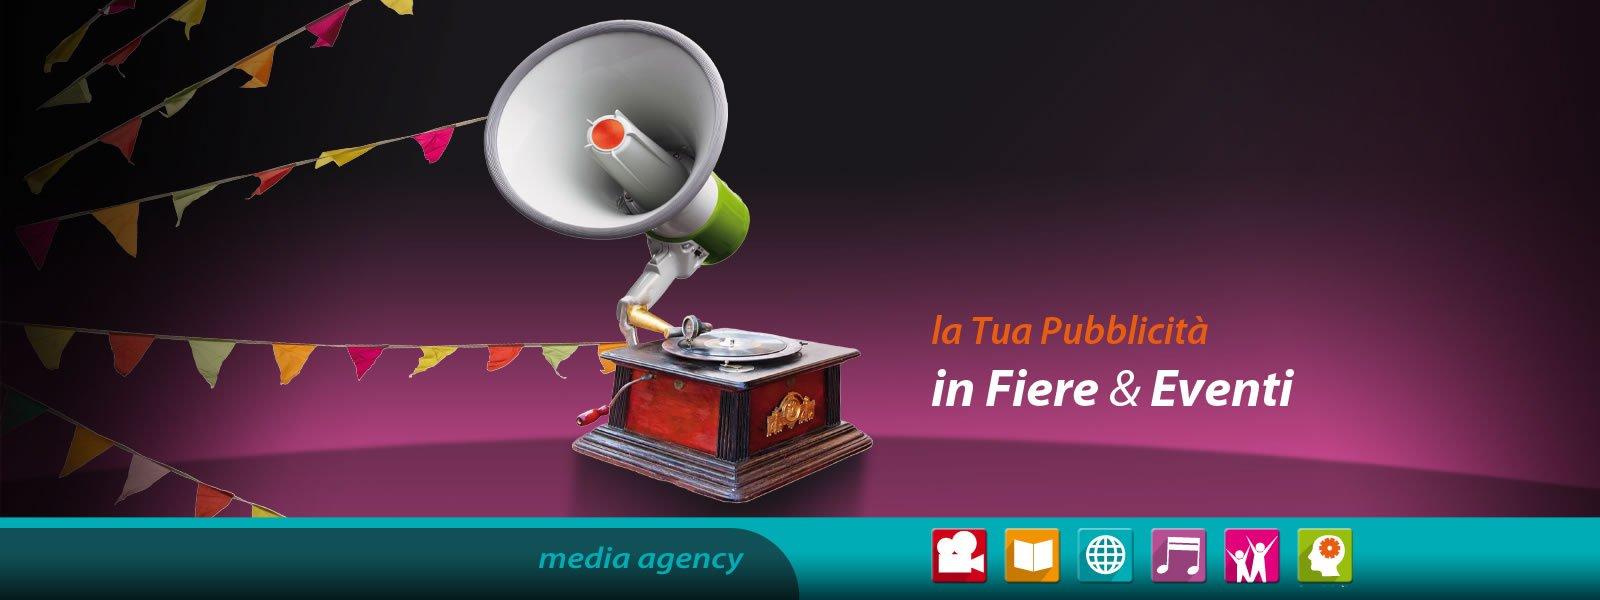 Publimedia Italia la pubblicità nelle fiere e negli eventi più importanti